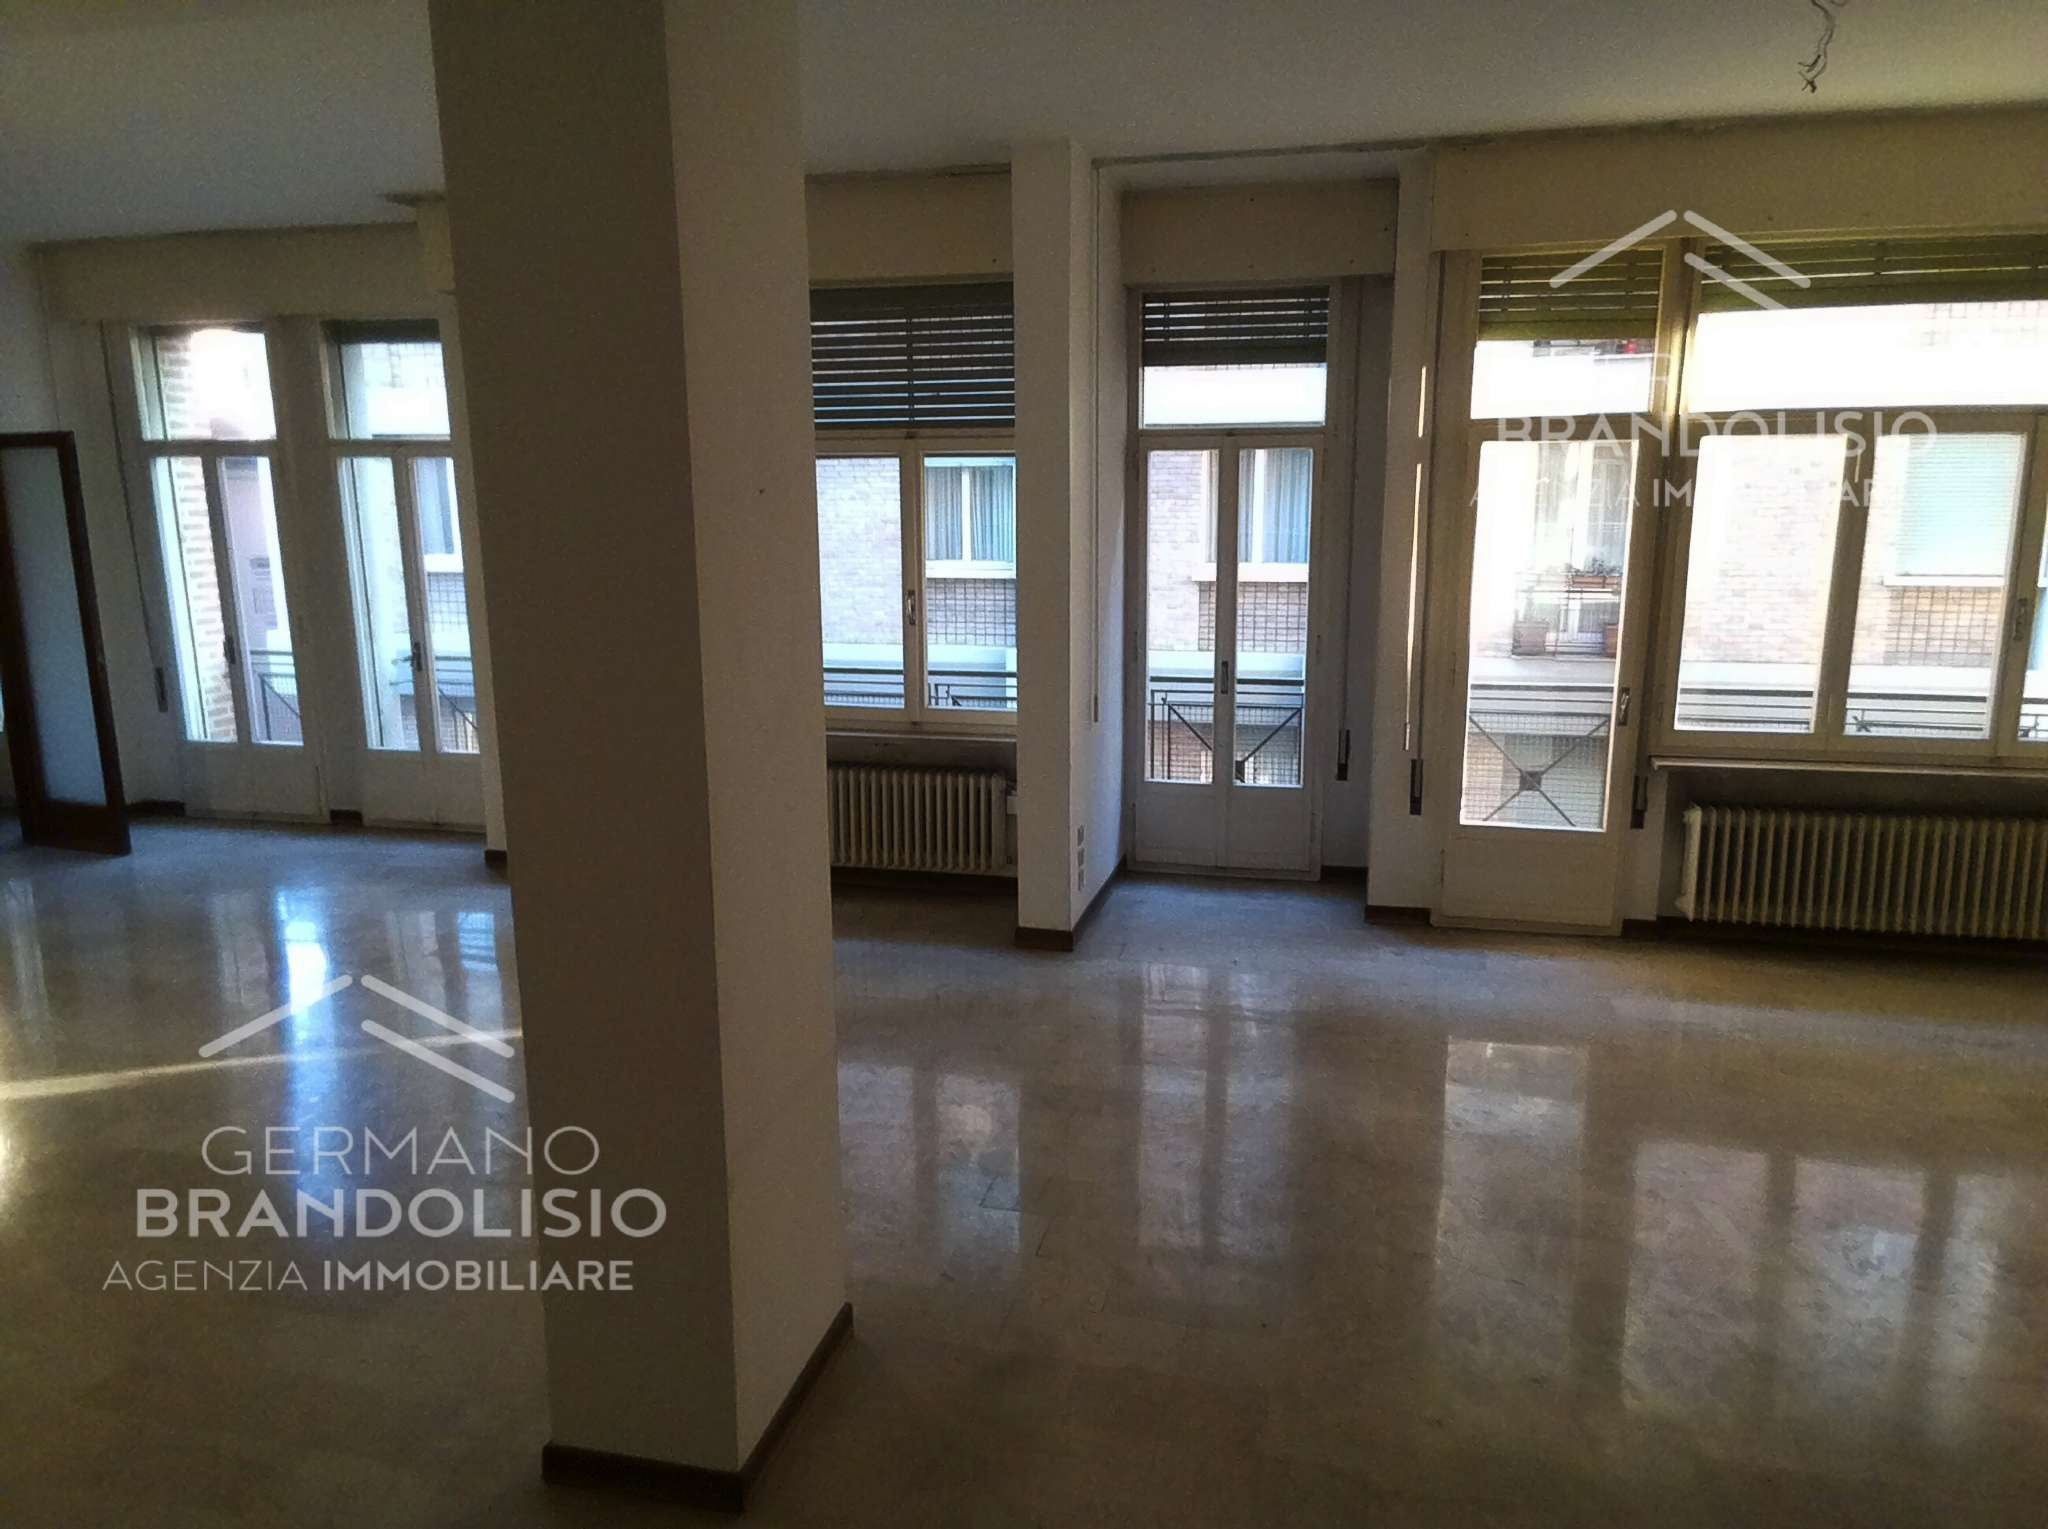 due appartamenti attigui comunicanti di 250 mq  con terrazzo di 30 mq e garage  in Centro Storico